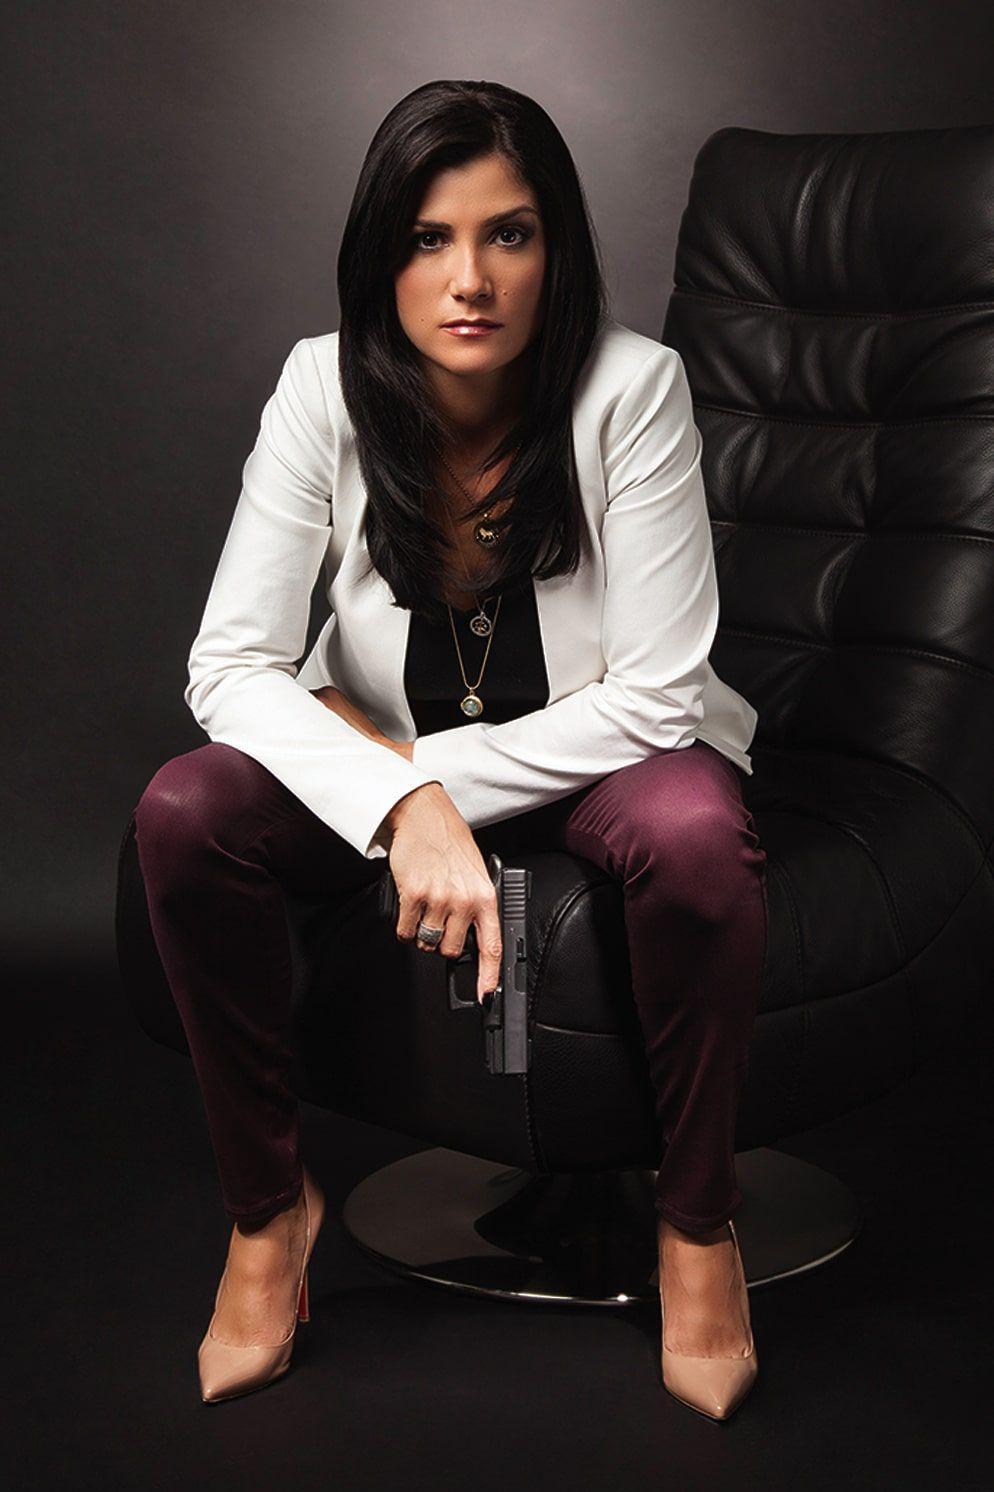 Dana Loesch sexy pic